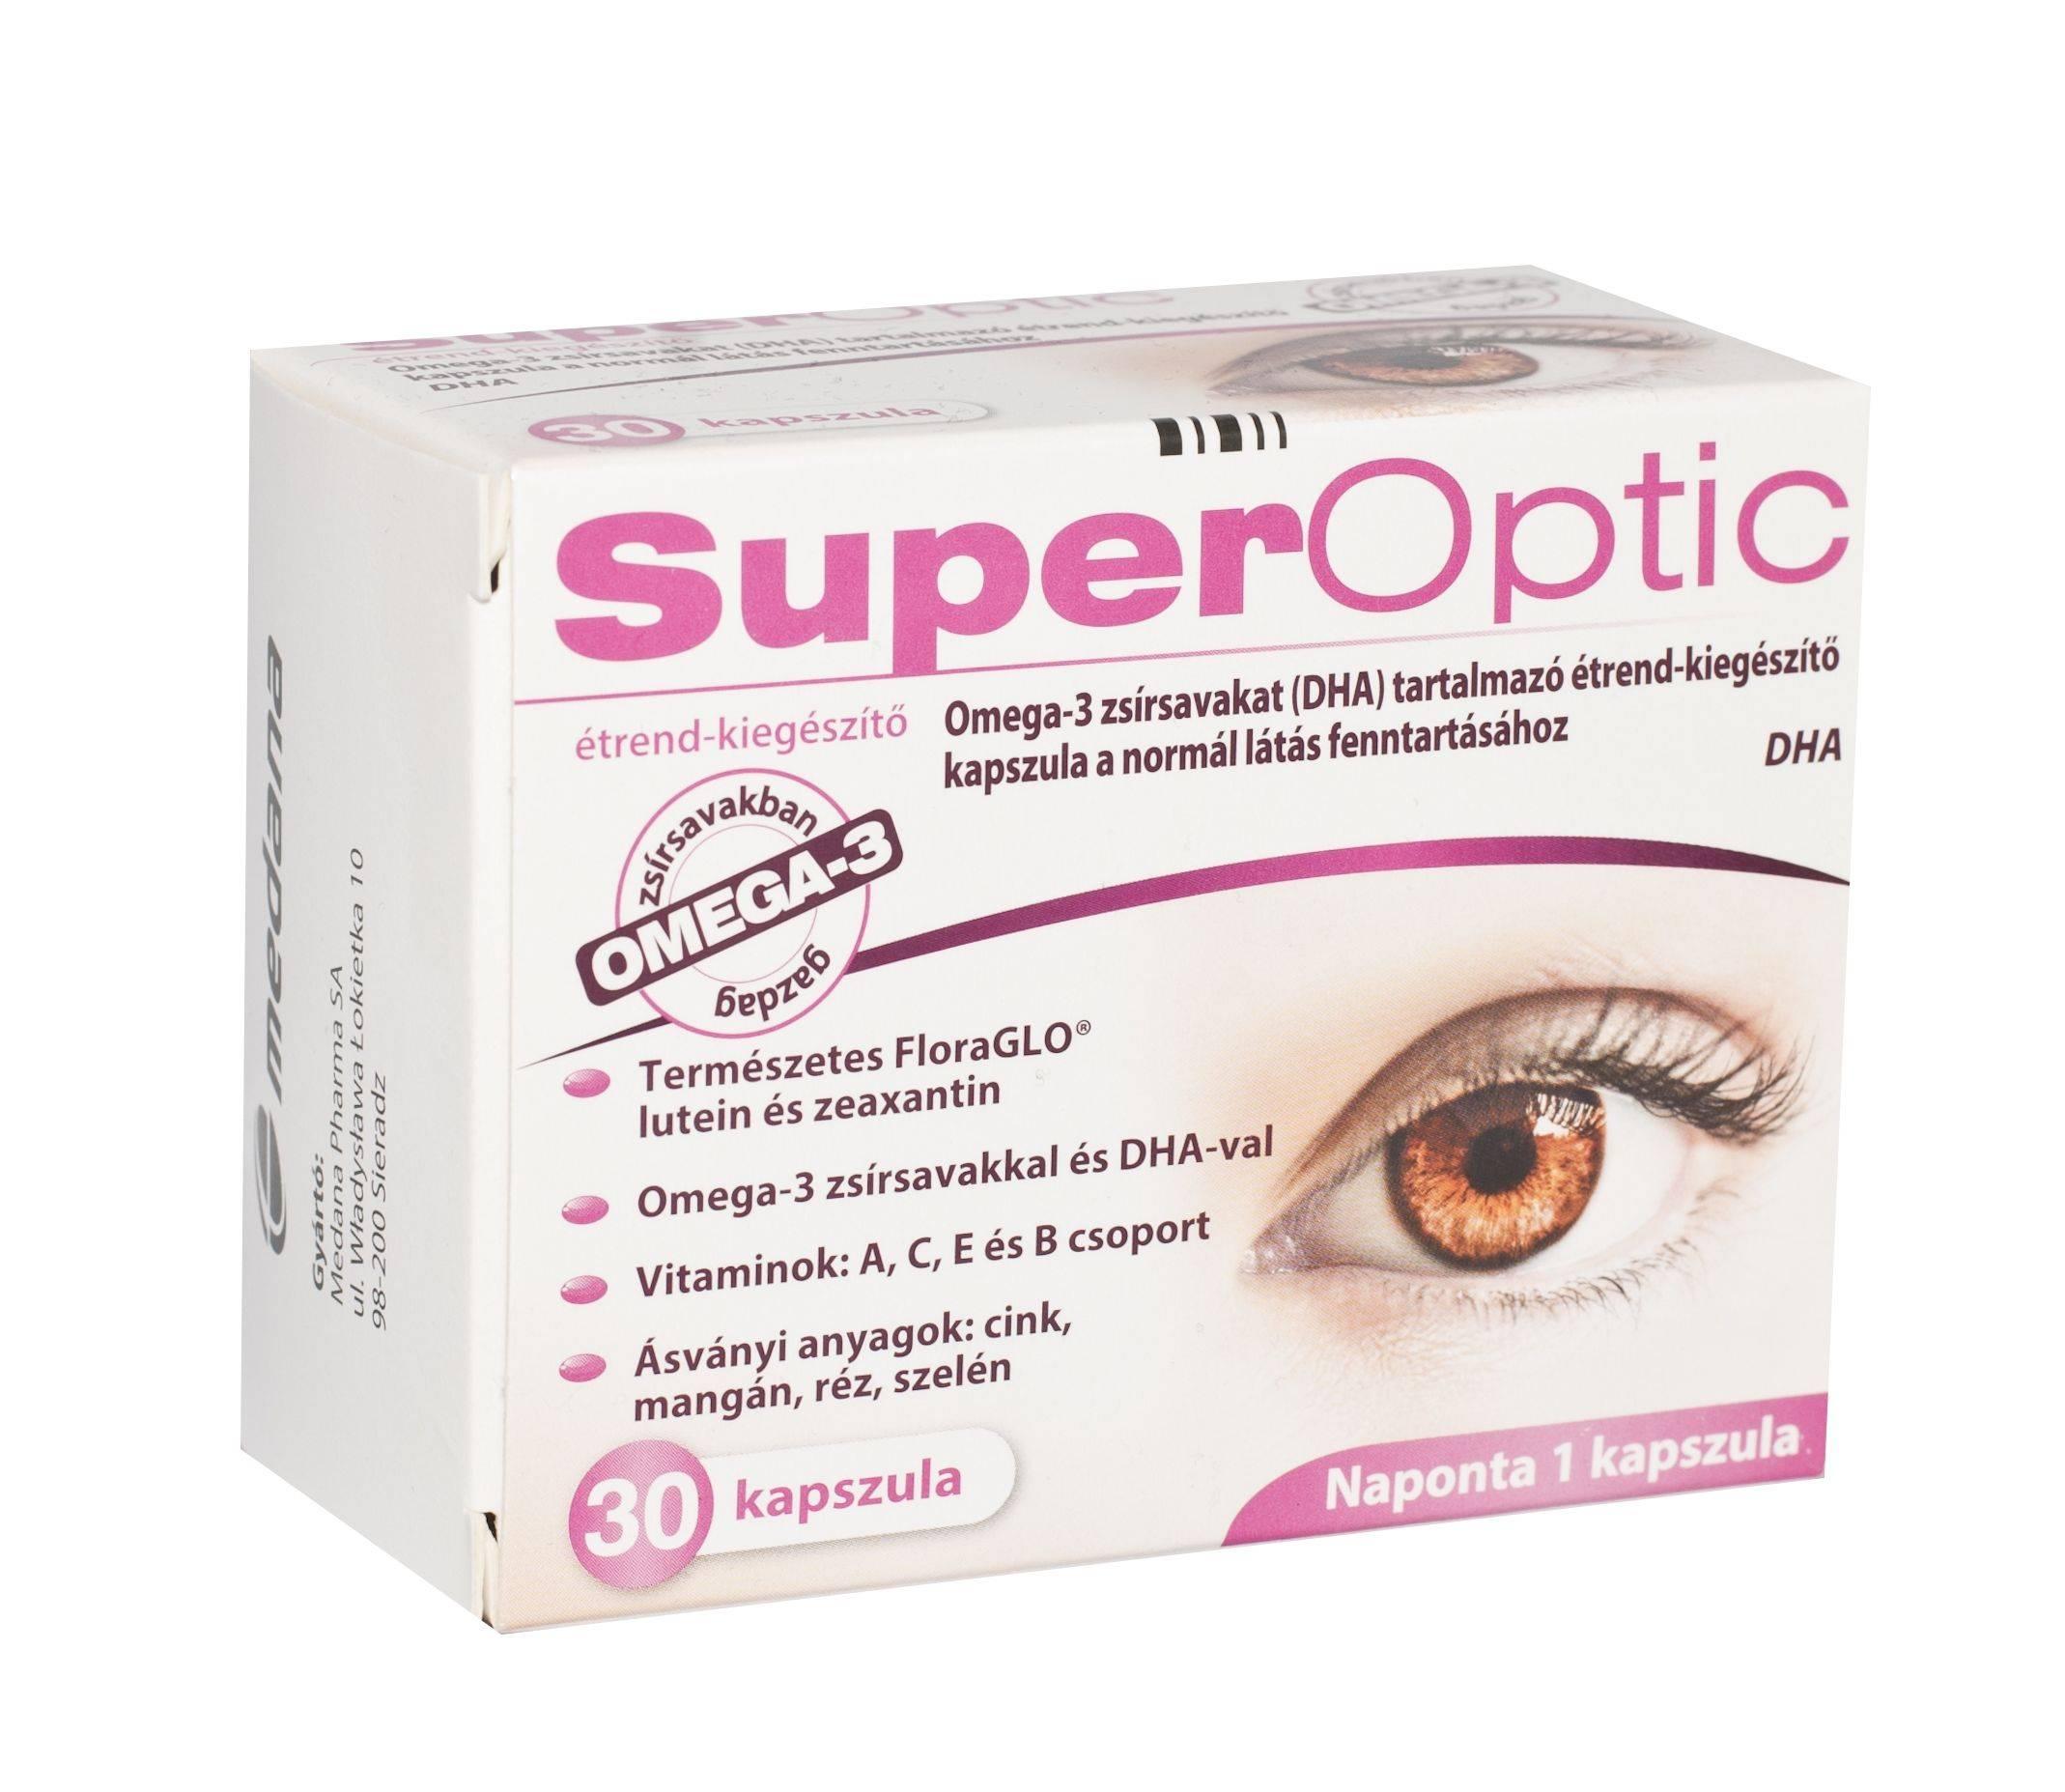 Витамины для глаз супероптик: инструкция, цена, аналоги